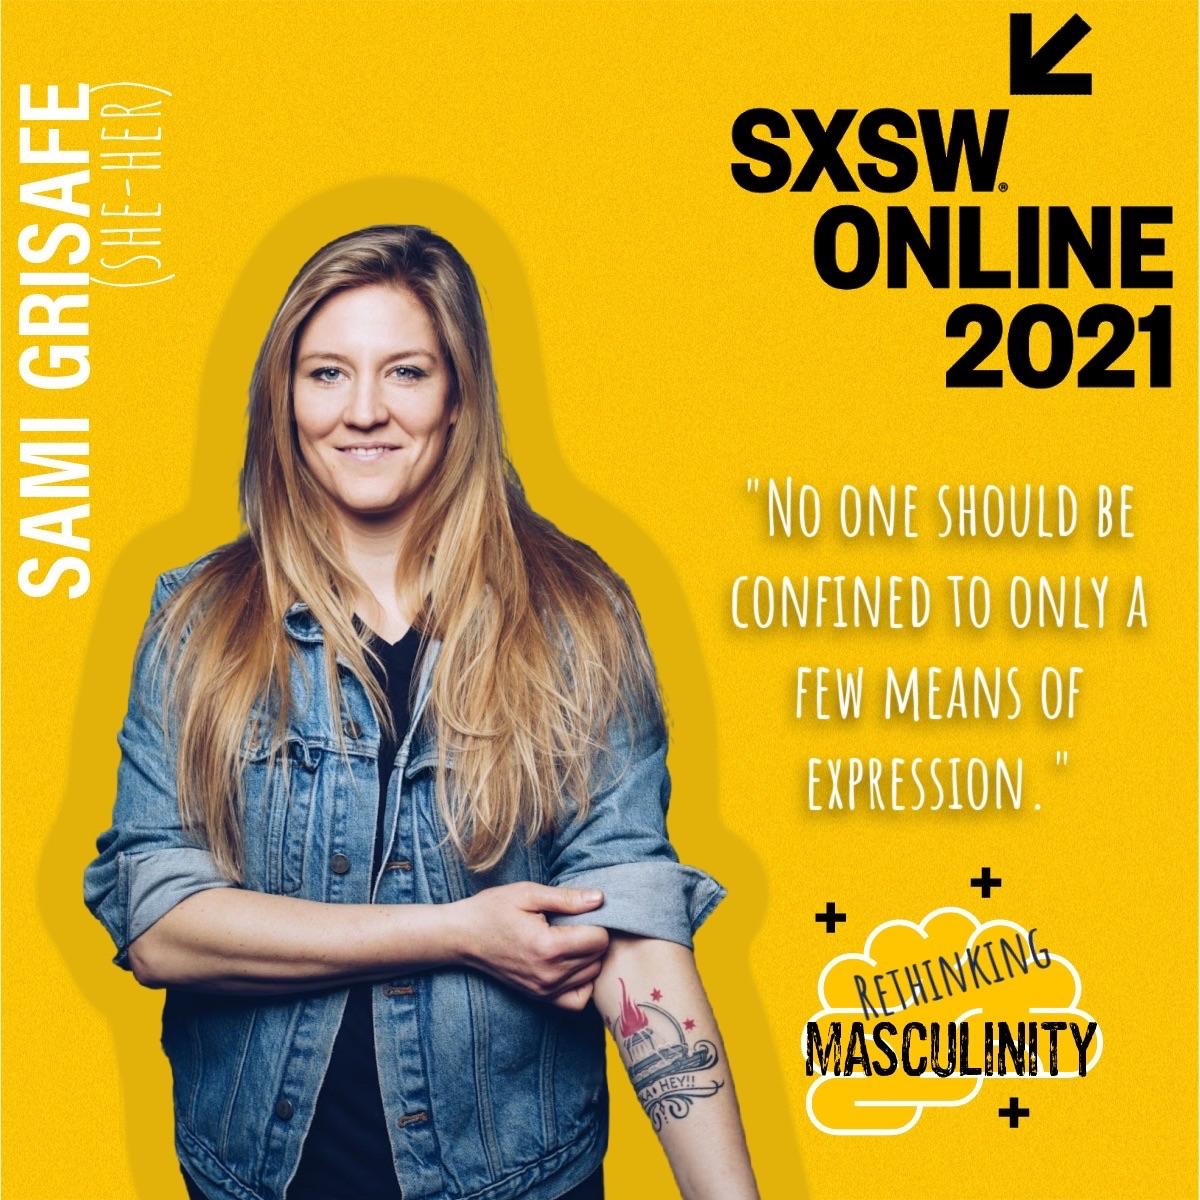 Rethinking Masculinity Panel @sxsw @SamiGrisafe